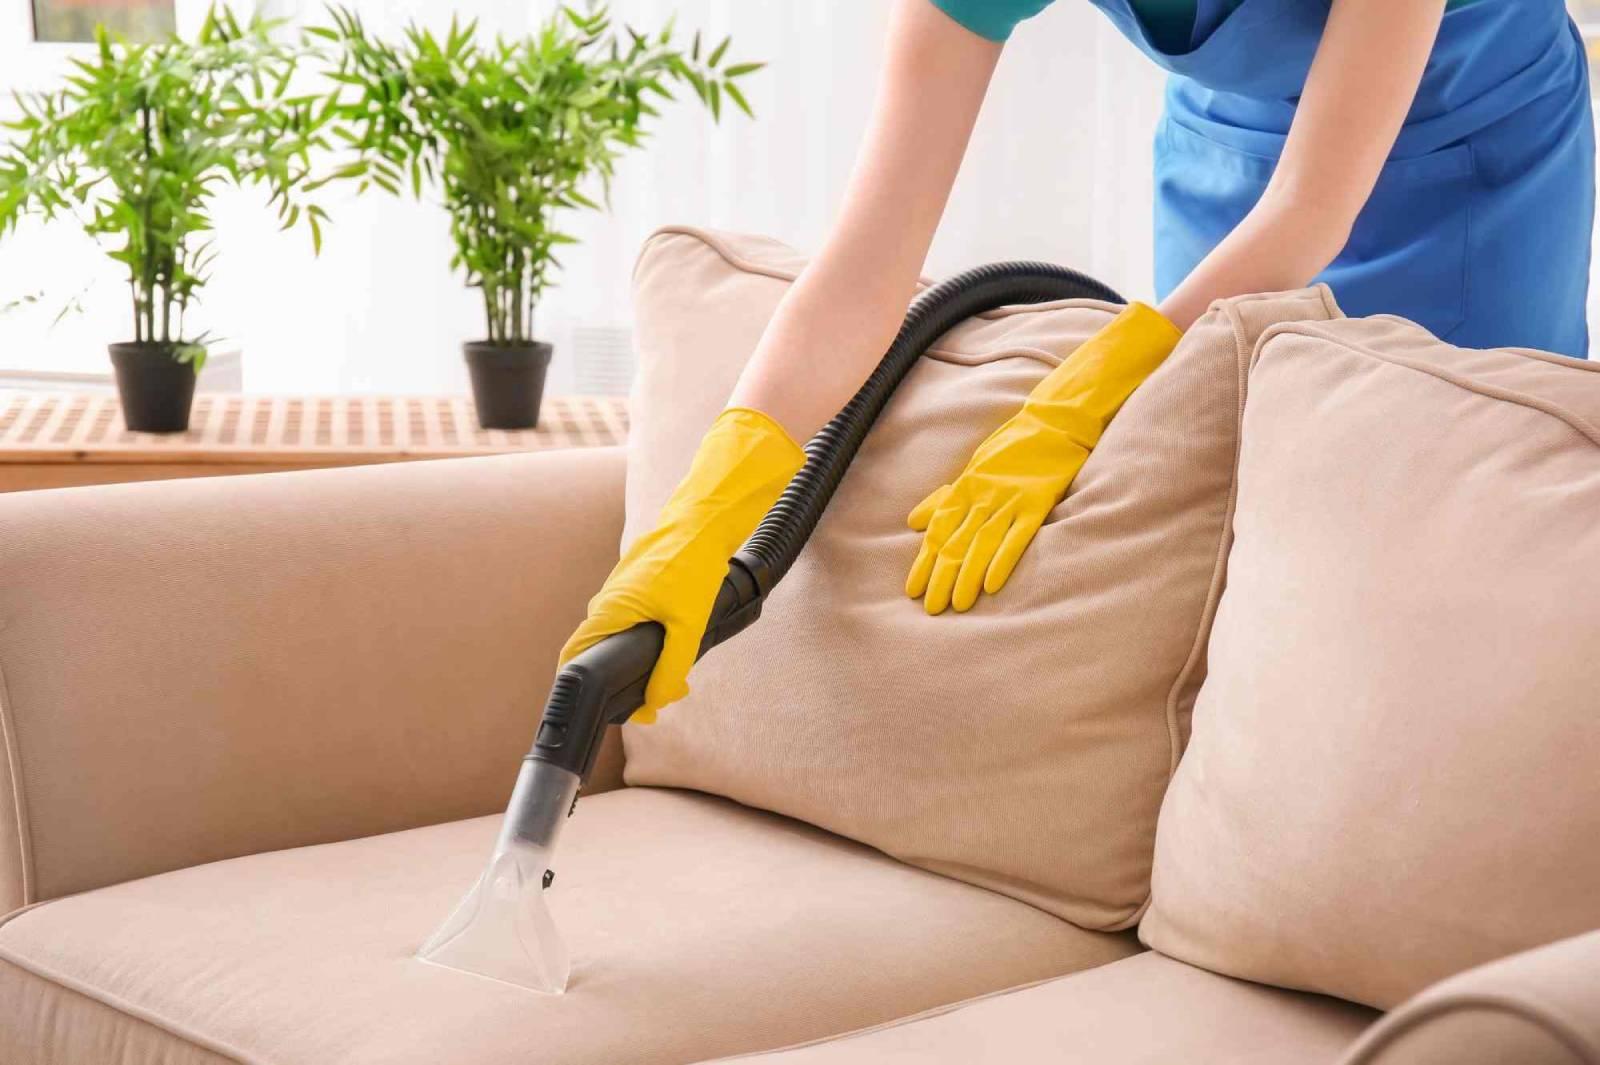 Chúng ta có thể tự hiện vệ sinh bàn ghế sofa tại nhà một cách đơn giản